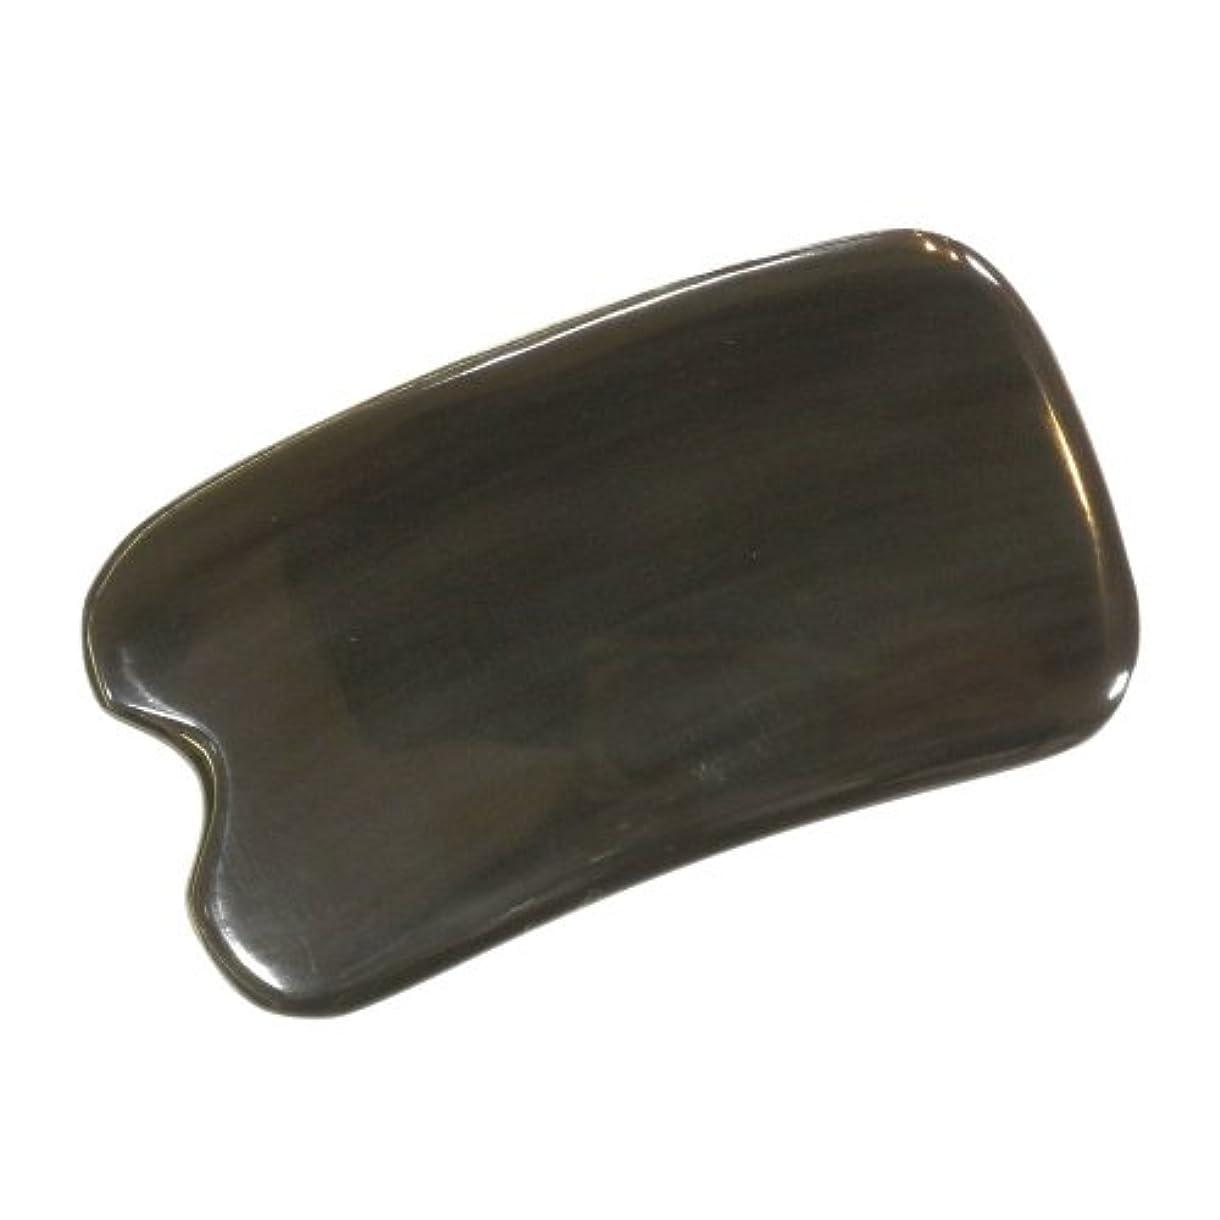 連隊ながら話すかっさ プレート 厚さが選べる ヤクの角(水牛の角) EHE273SP 黒四角凹 特級品 少し厚め(6ミリ程度) 大きめ穴無